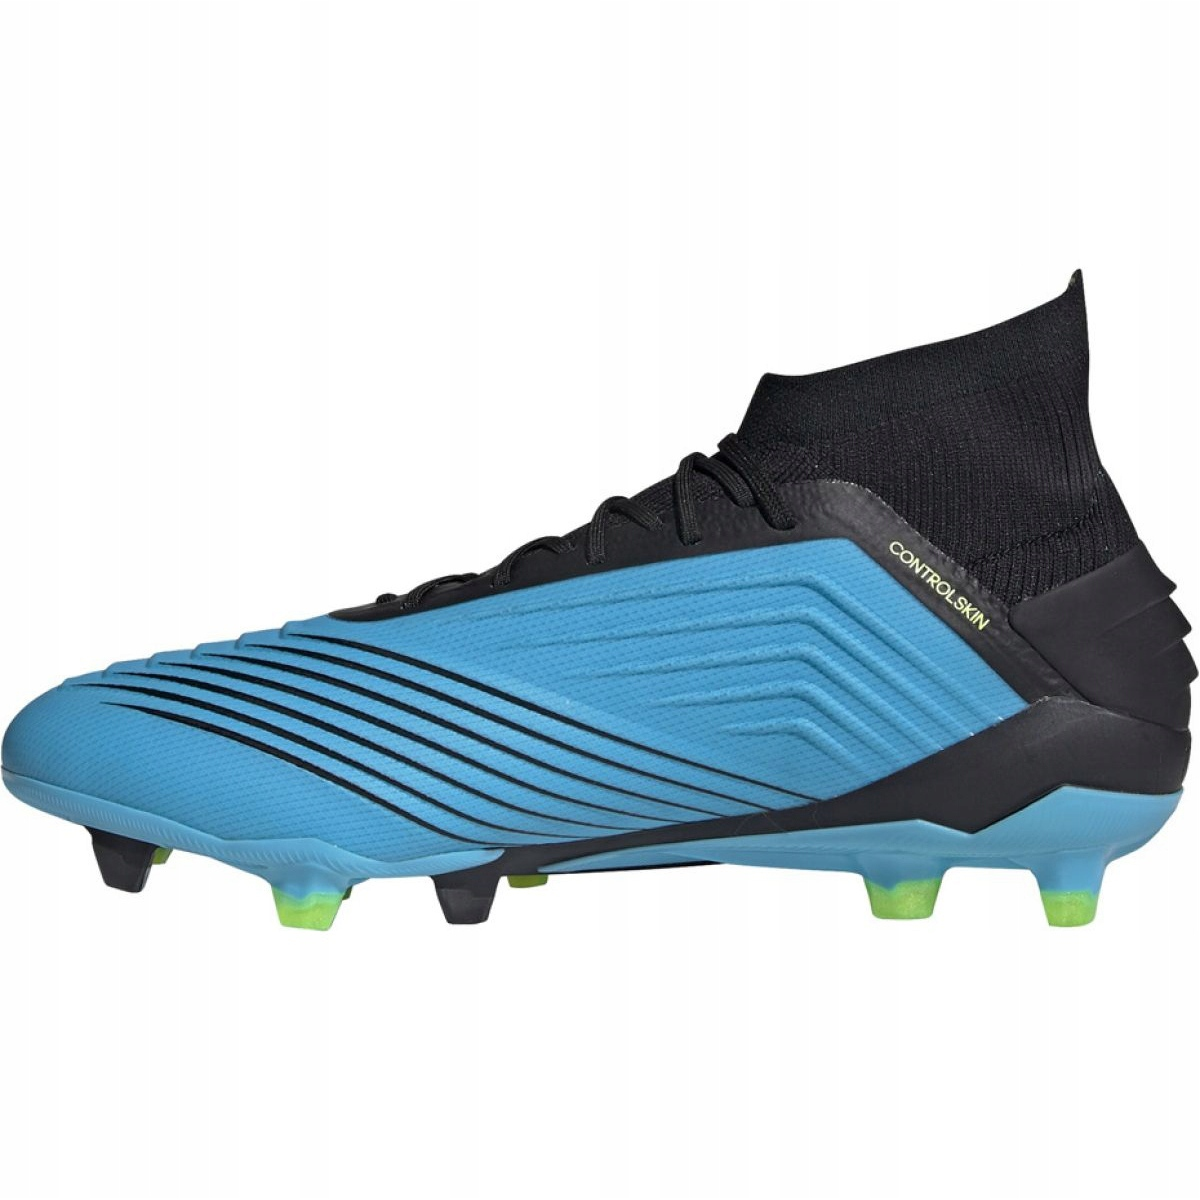 Chuteiras de futebol Adidas Predator 19.1 Fg M F35606 azul azul